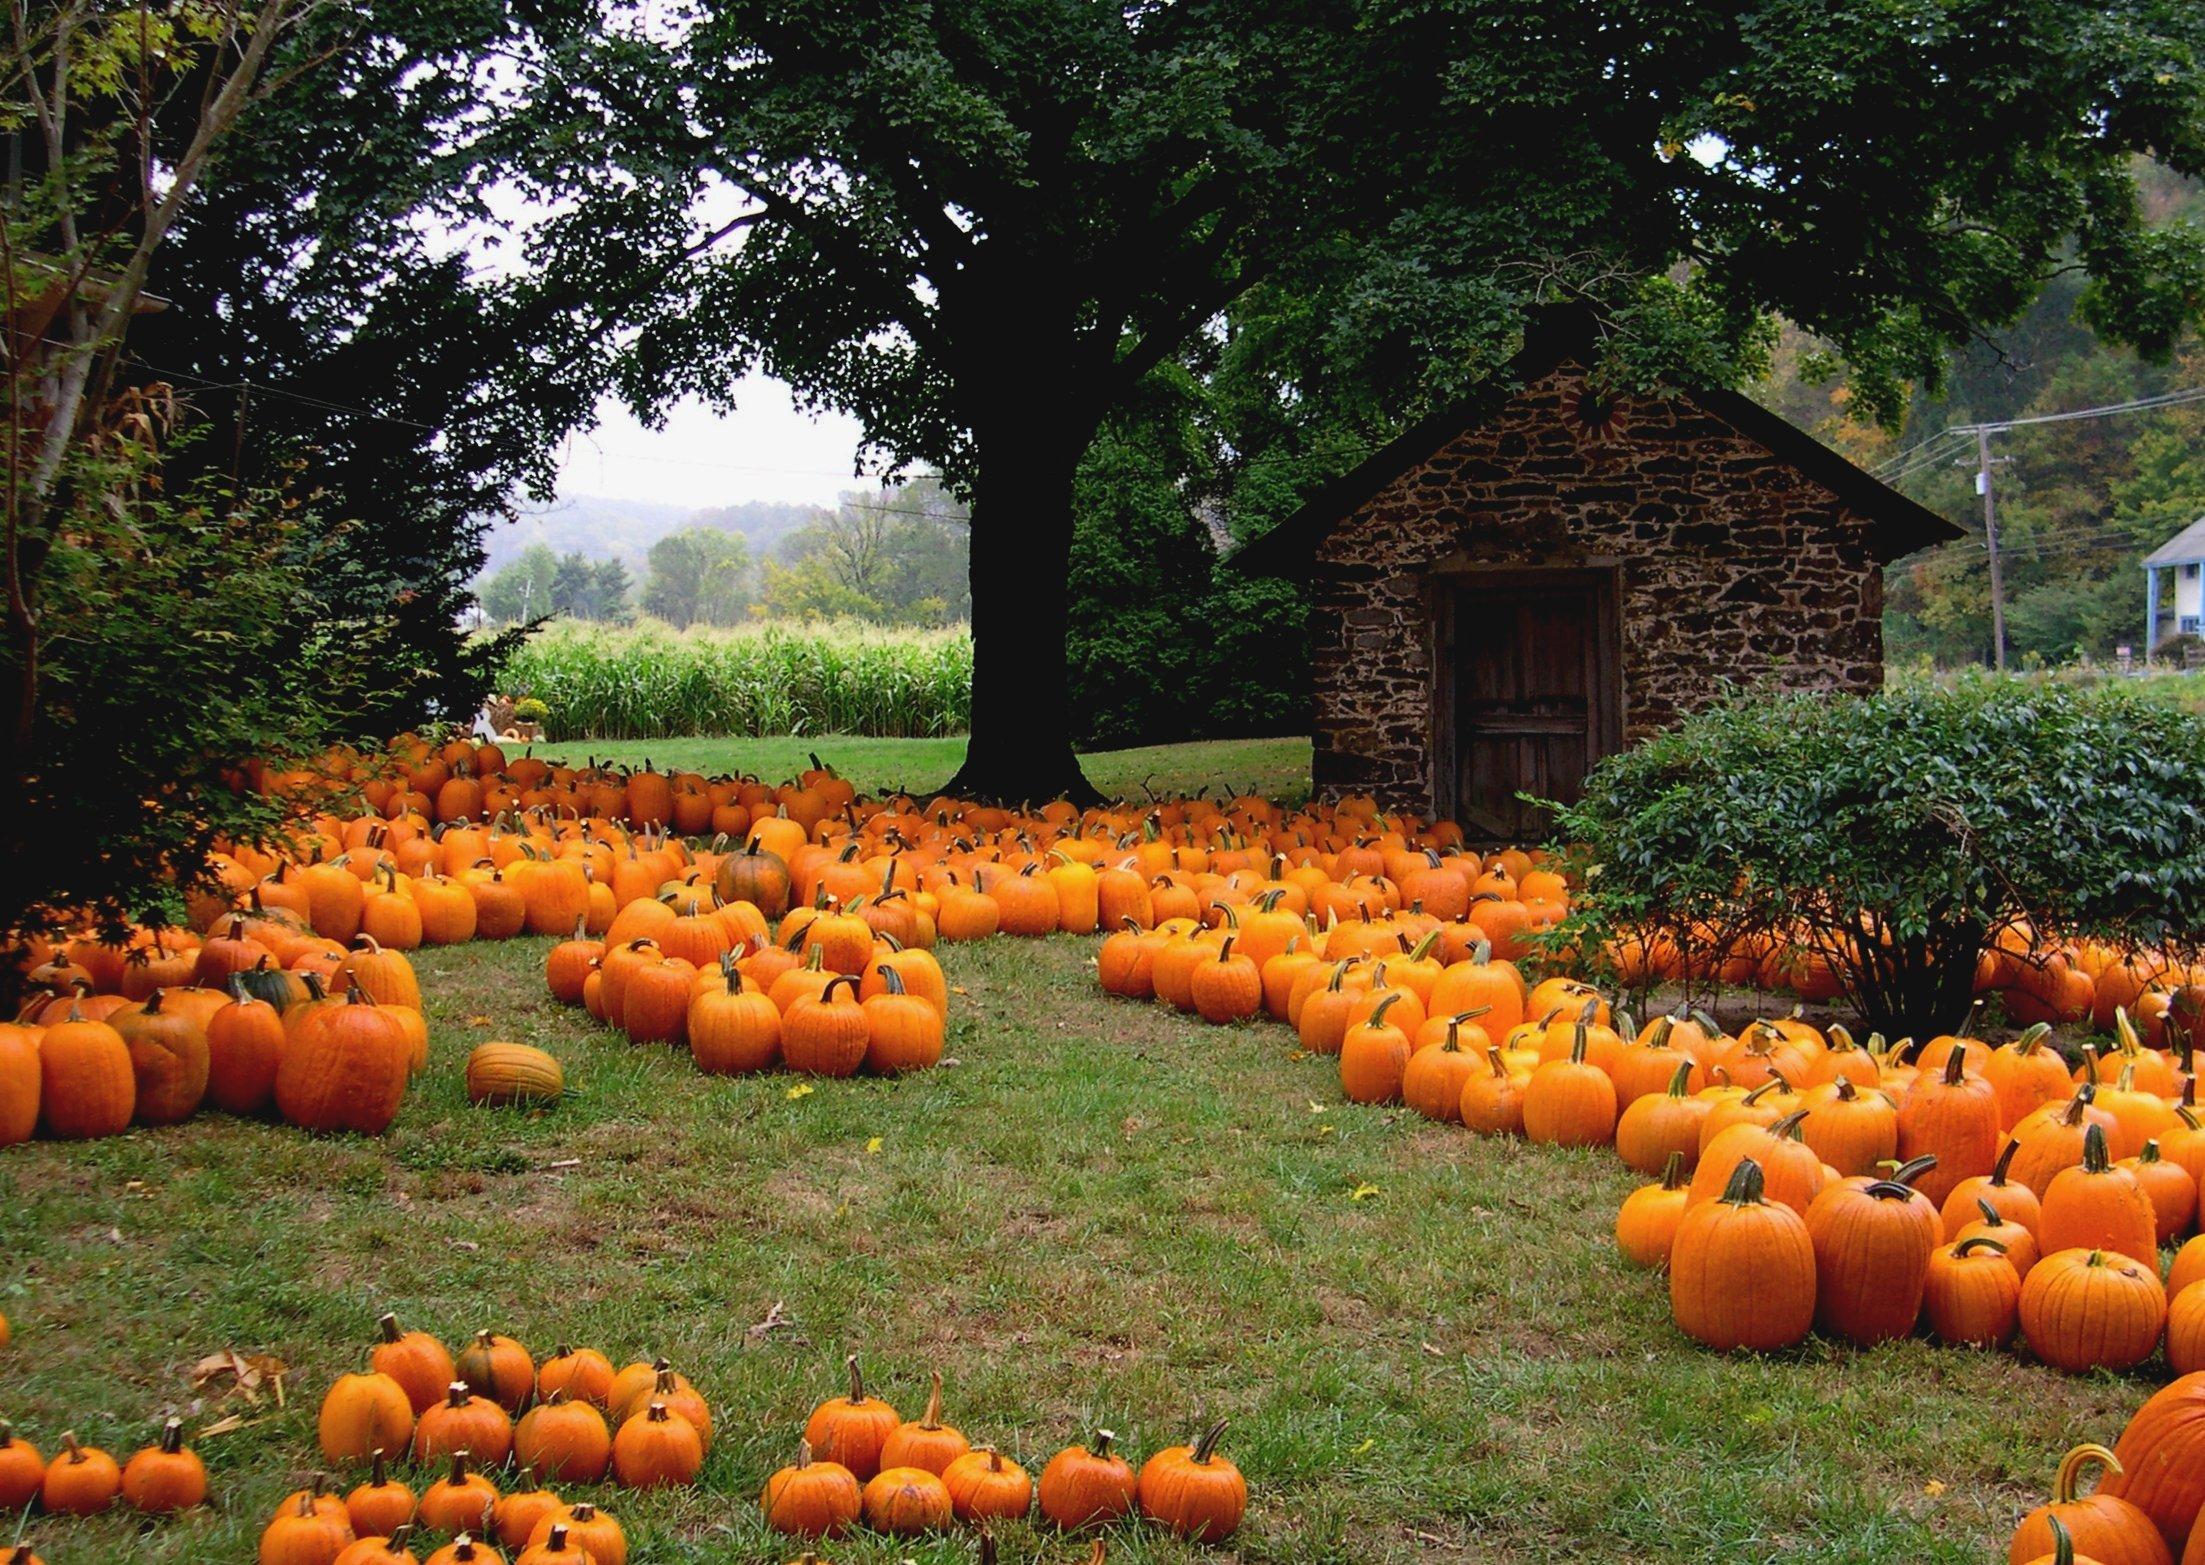 37 autumn pumpkin wallpaper on wallpapersafari - Fall wallpaper pumpkins ...